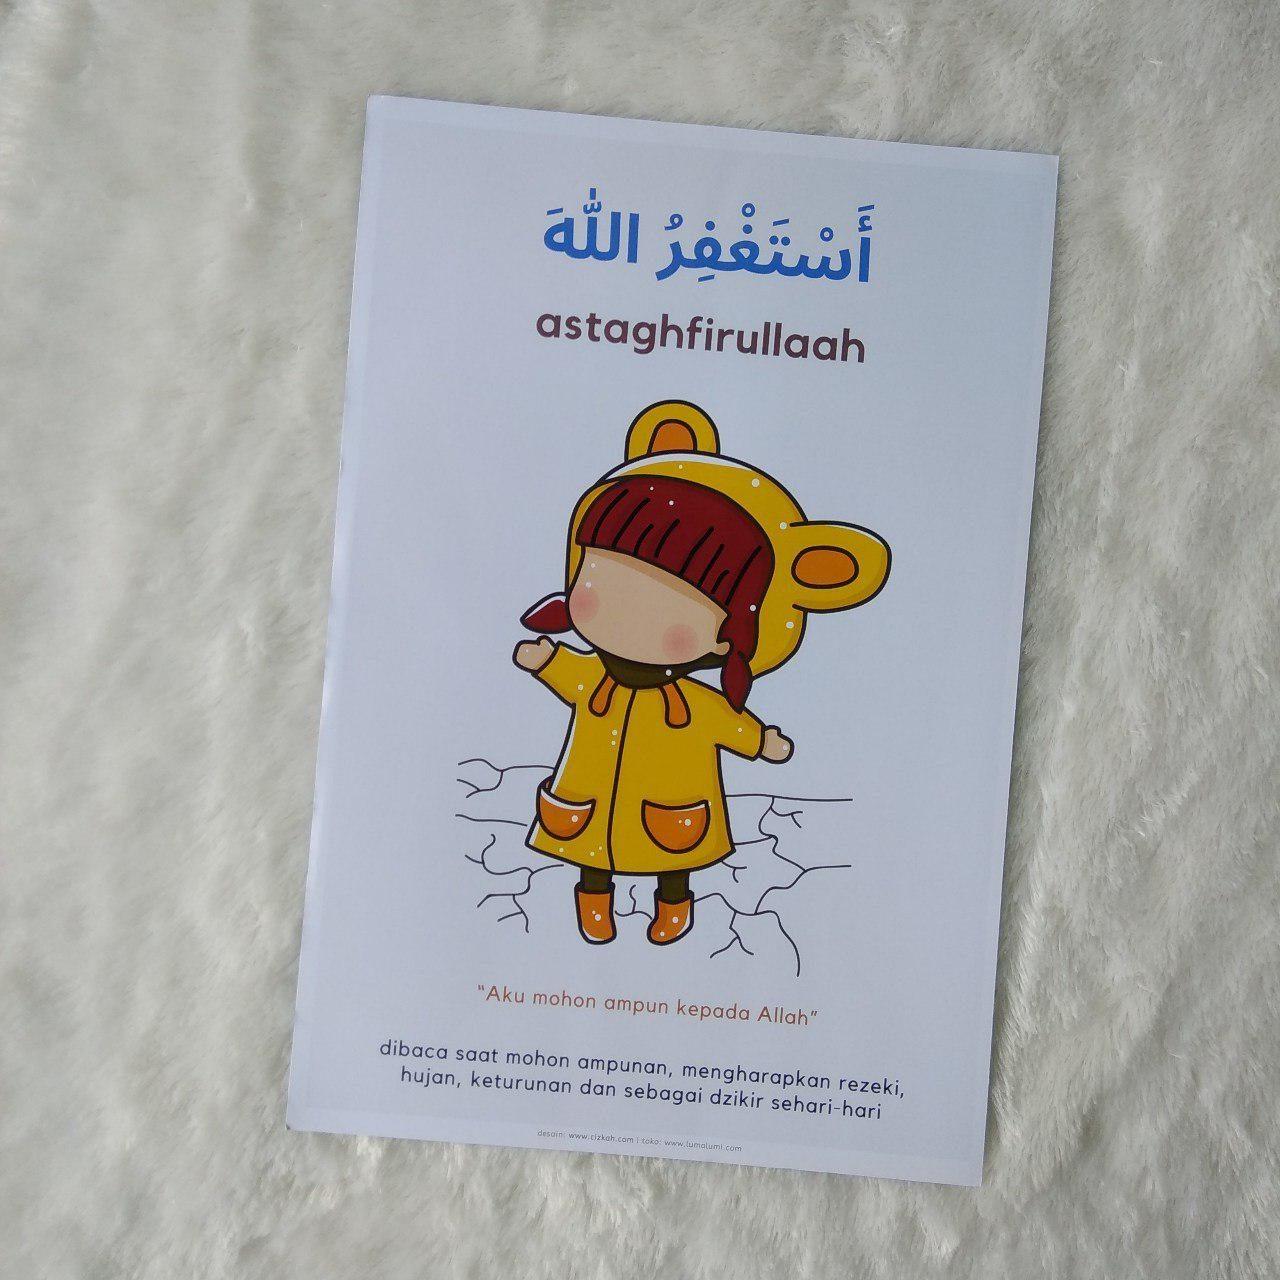 Poster Anak Dzikir Astaghfirullah - Astaghfirullaah